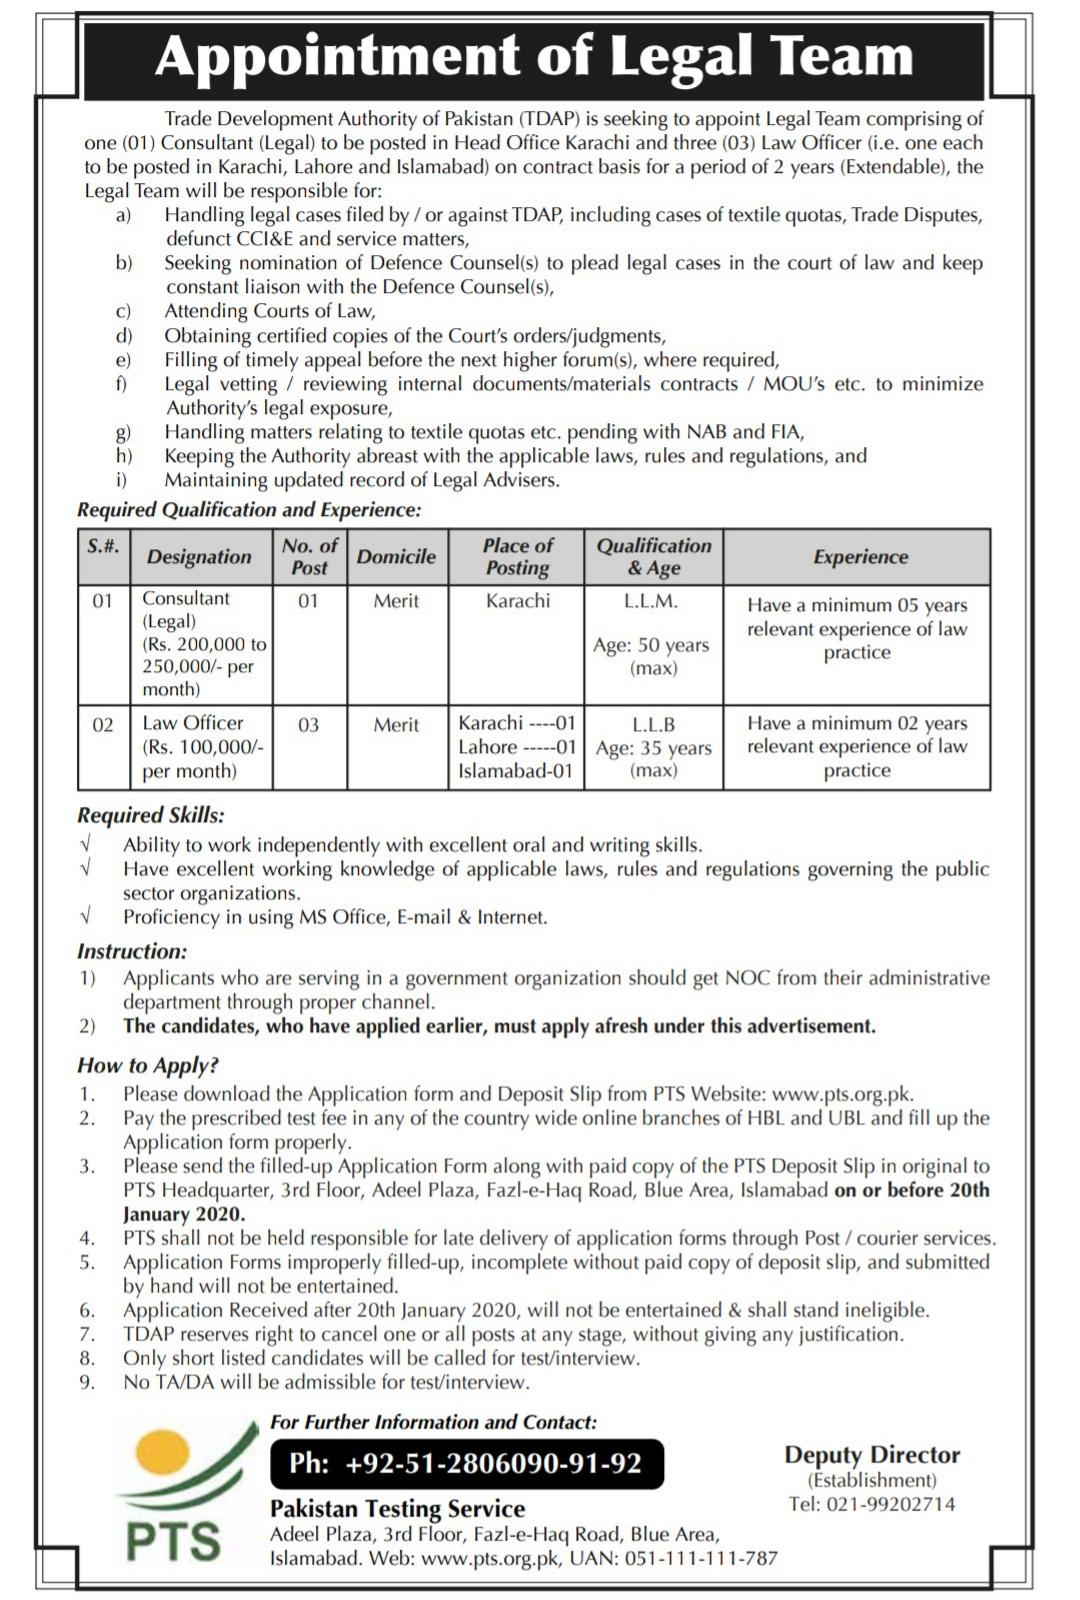 TDAP Jobs PTS Test Rol No Slip